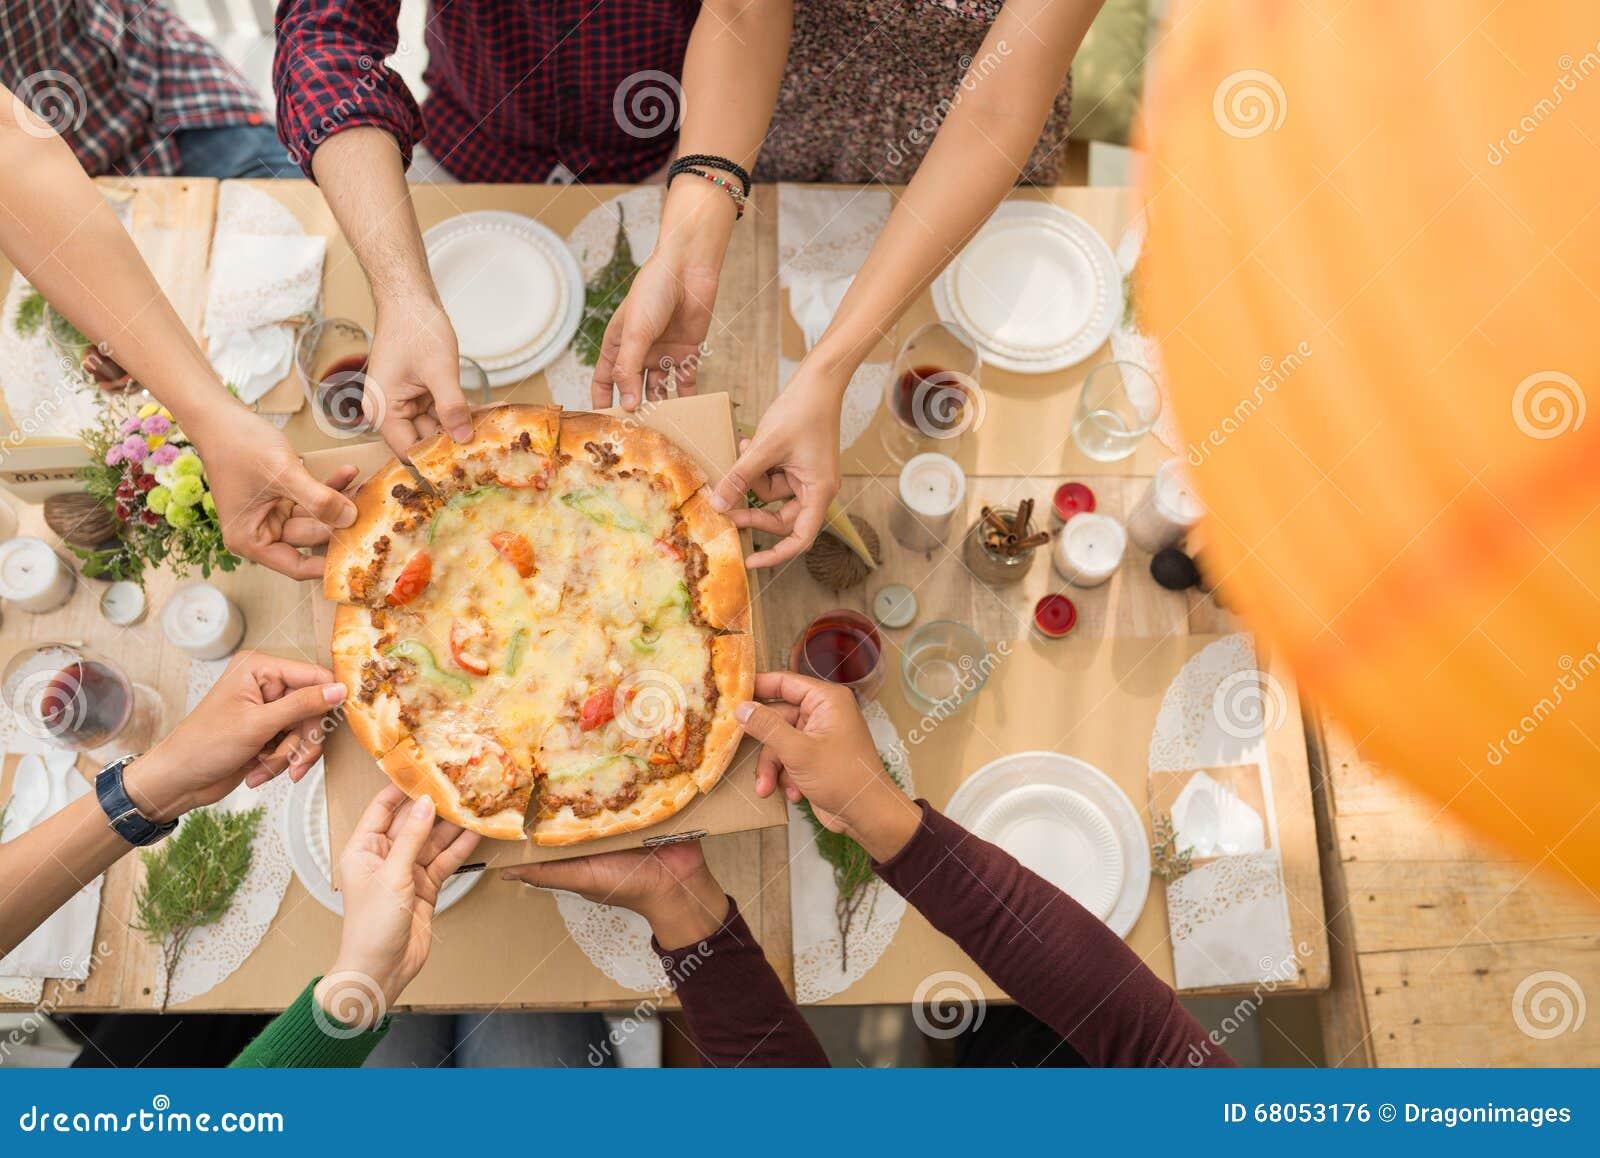 partager la pizza photo stock image du casse amis c l bration 68053176. Black Bedroom Furniture Sets. Home Design Ideas